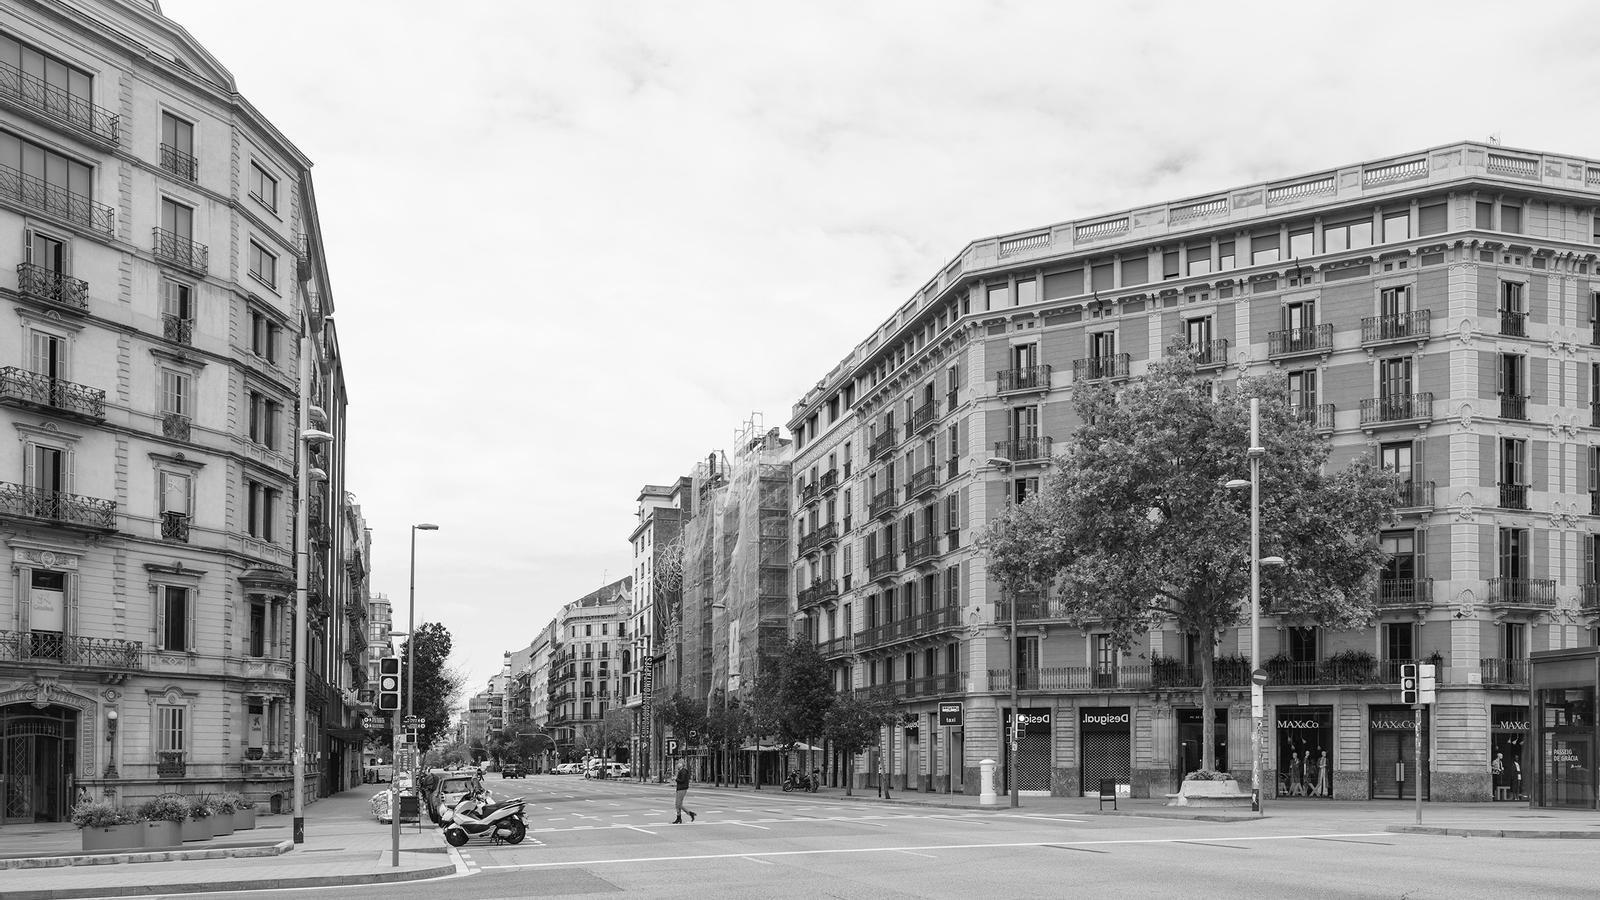 Manolo Laguillo i la Barcelona pandèmica